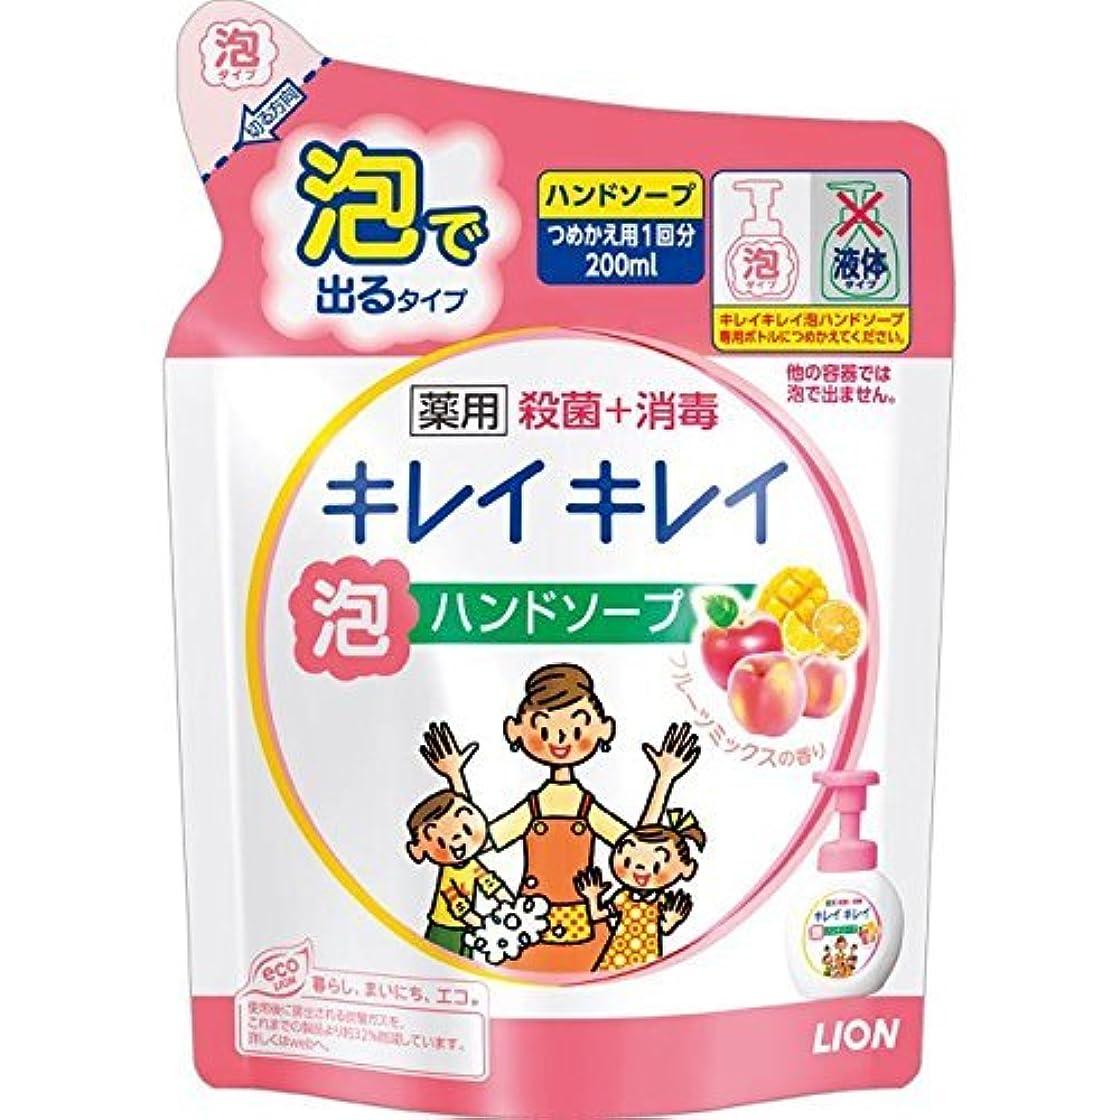 剃る段階心臓キレイキレイ 薬用泡ハンドソープ フルーツミックスの香り つめかえ用 通常サイズ 200ml ×20個セット